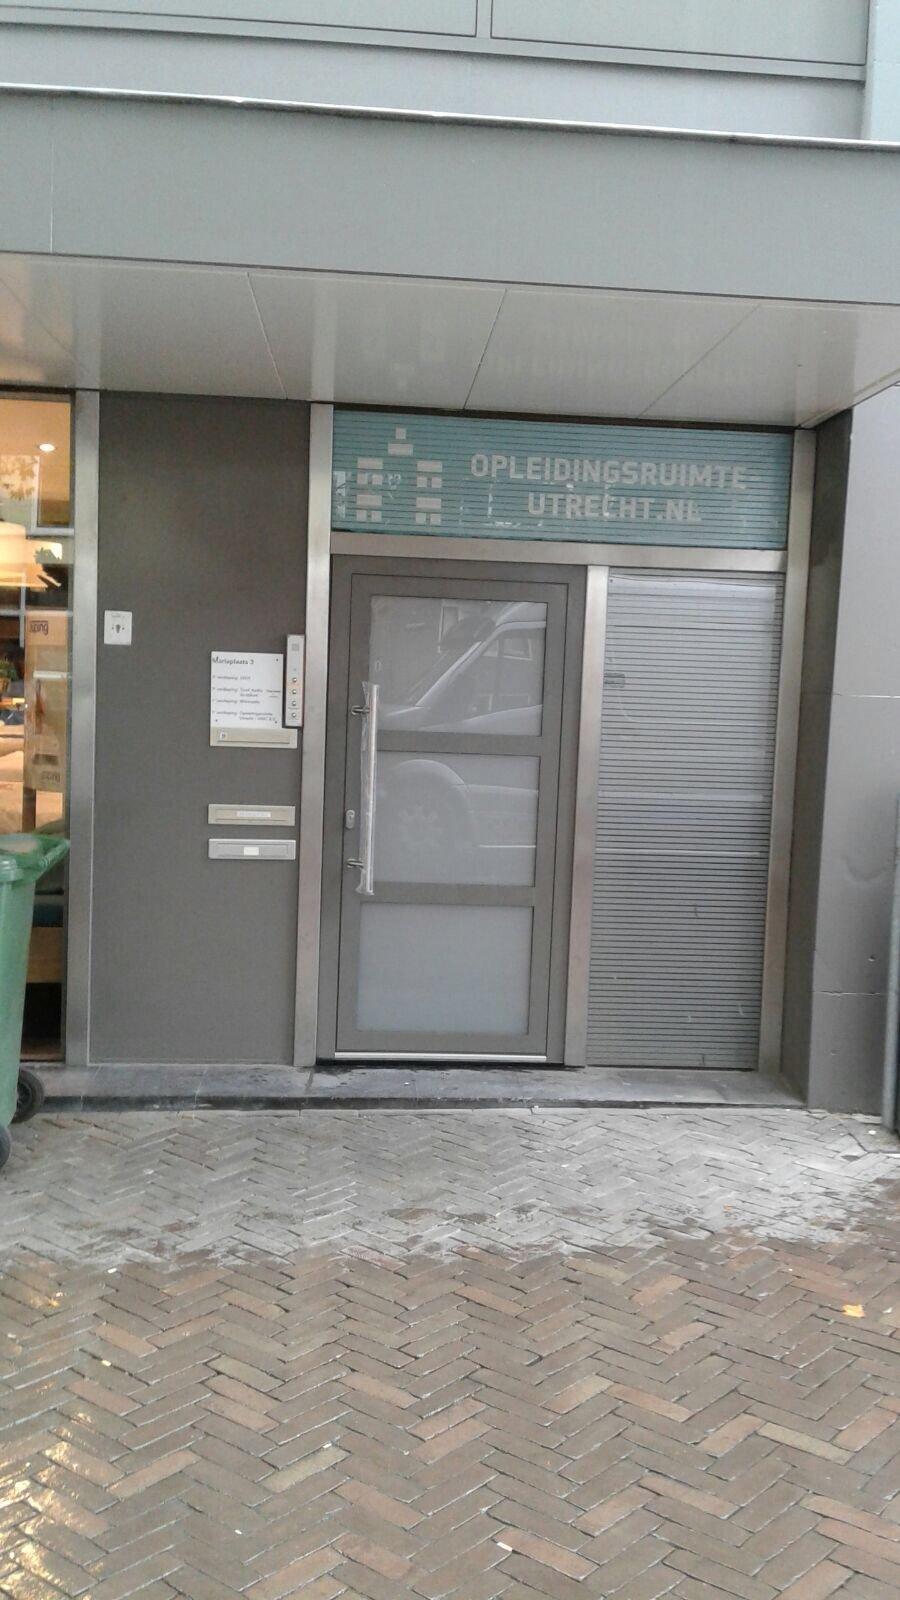 Nieuwe voordeur geleverd in een winkelpand te Utrecht.